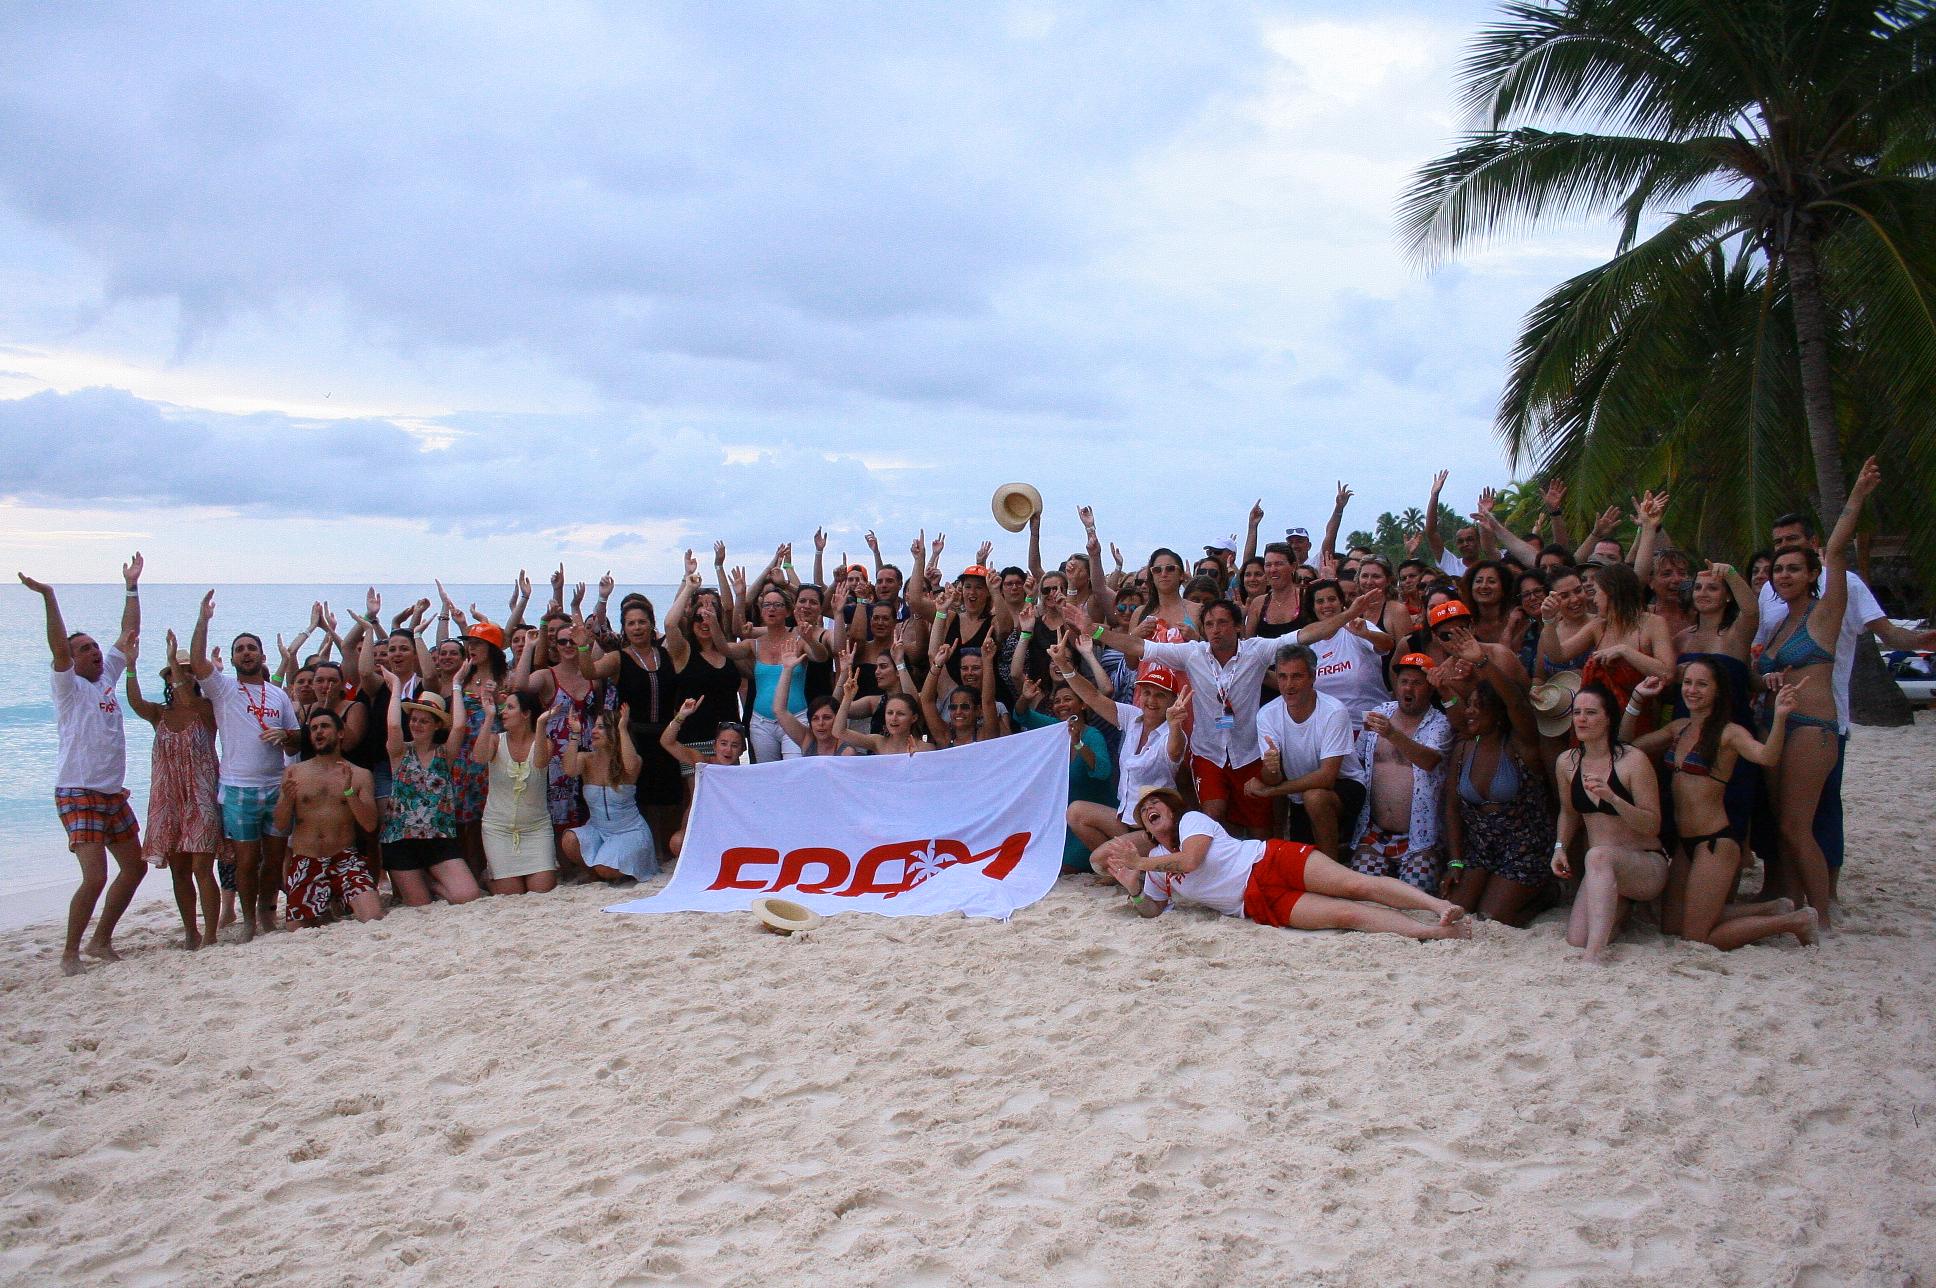 Sur la plage de Saona, les 130 agents invités du méga éductour Framissima Punta Cana – DR : HL